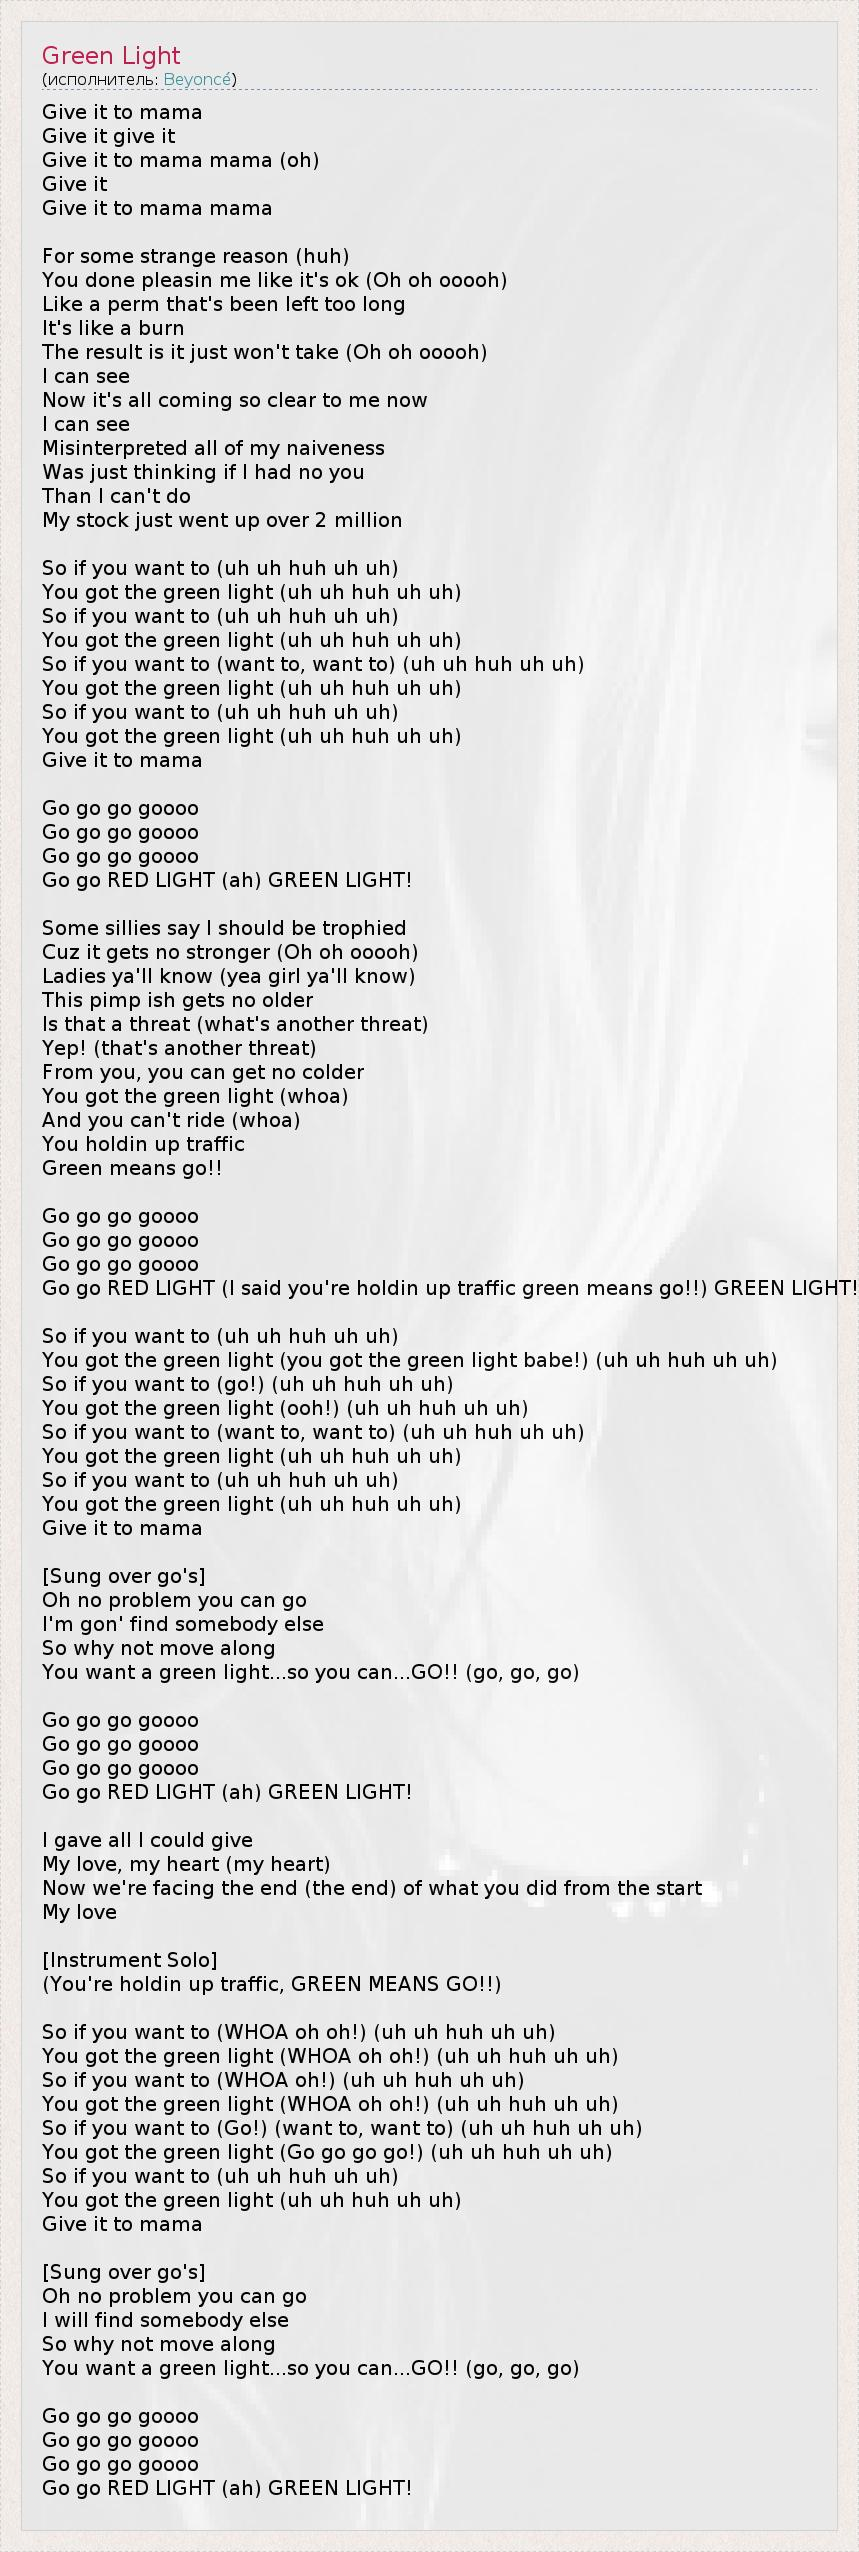 Текст песни Green Light, слова песни